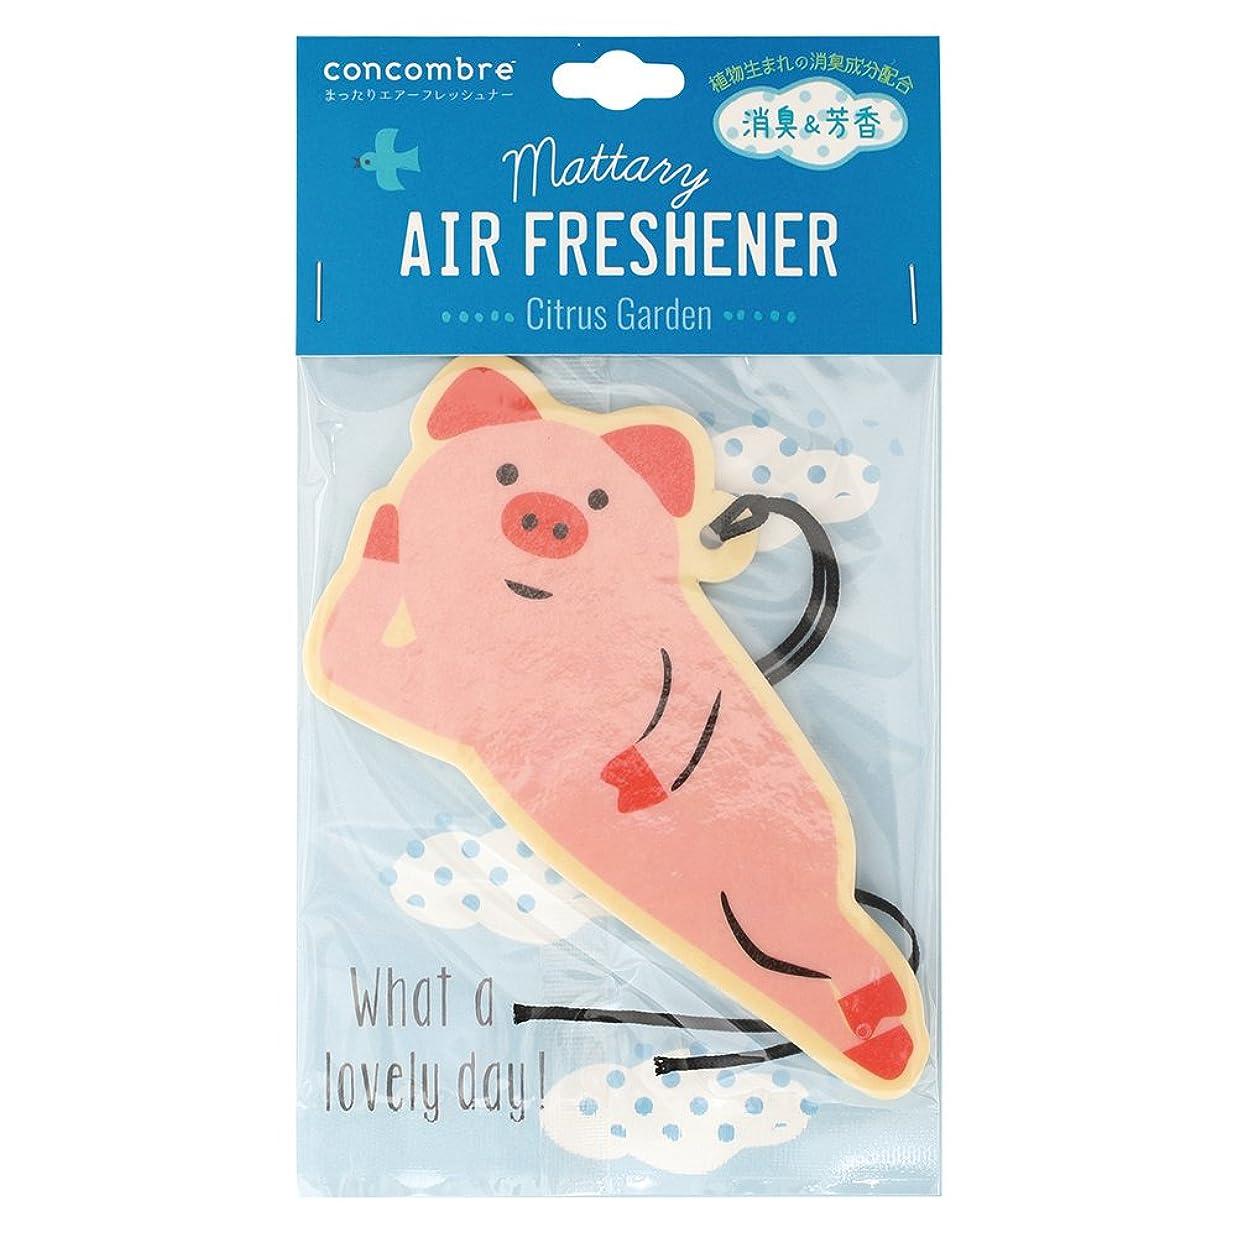 立ち寄る混乱したベアリングサークルconcombre 芳香剤 まったりエアーフレッシュナー 吊り下げ 消臭成分配合 シトラスの香り OA-DKA-5-2